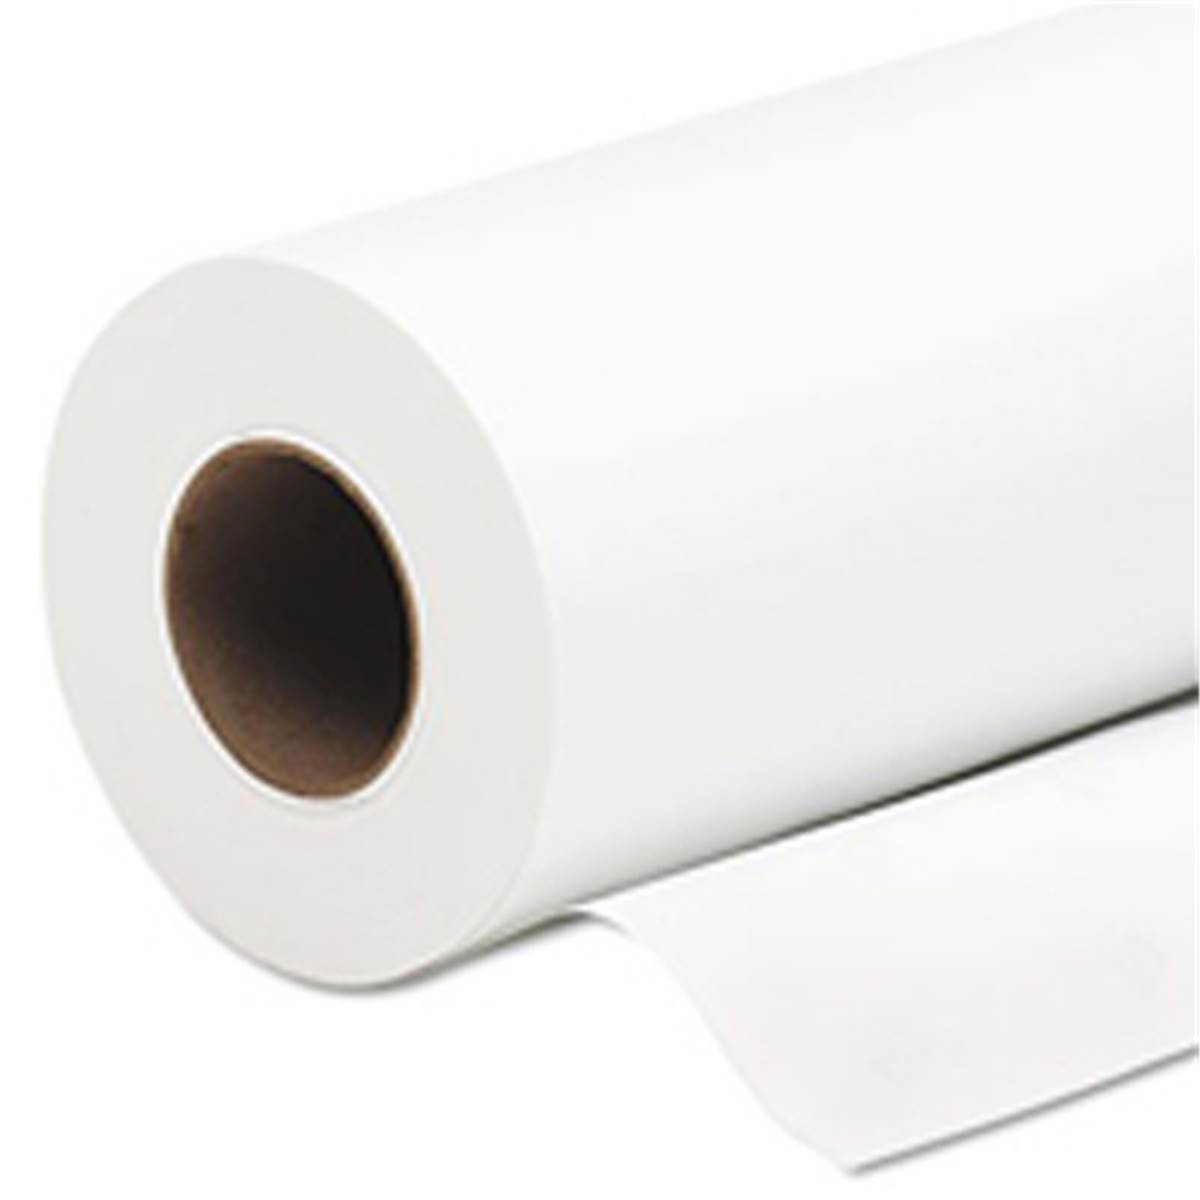 epson papier art mat surelab 180g rouleau 6 x 65m prophot. Black Bedroom Furniture Sets. Home Design Ideas